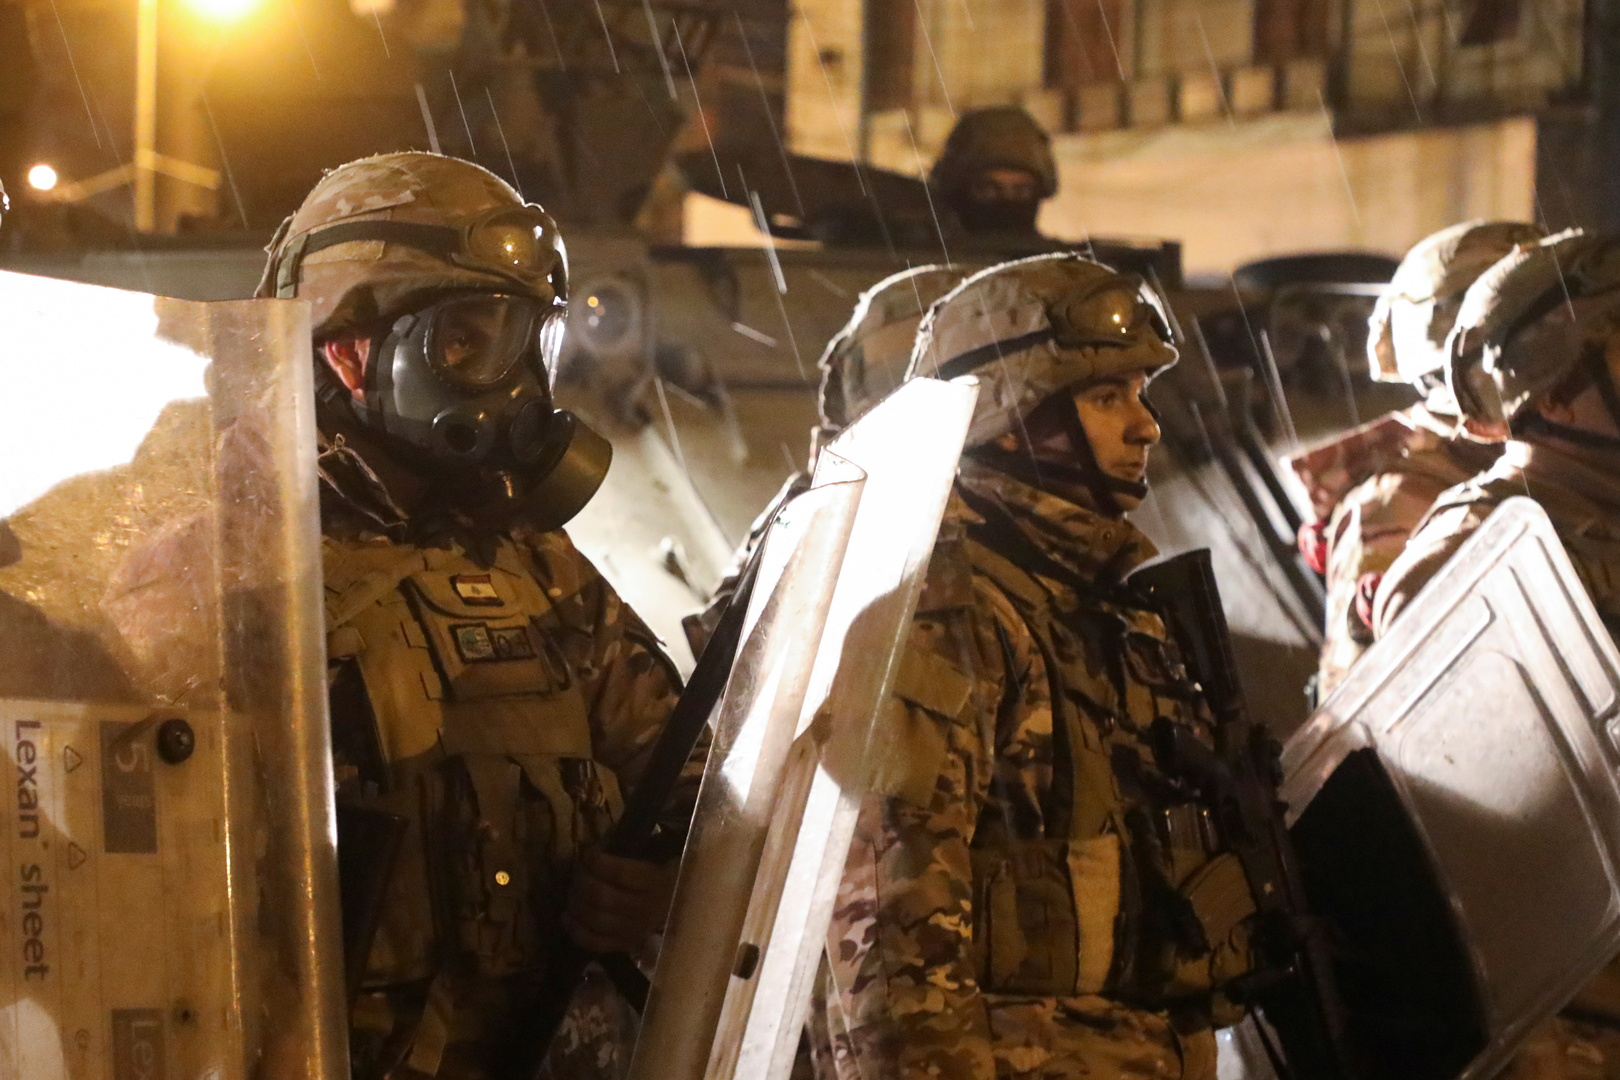 الجيش اللبناني يطلق رحلات جوية سياحية لدعم ميزانيته وسط الانهيار